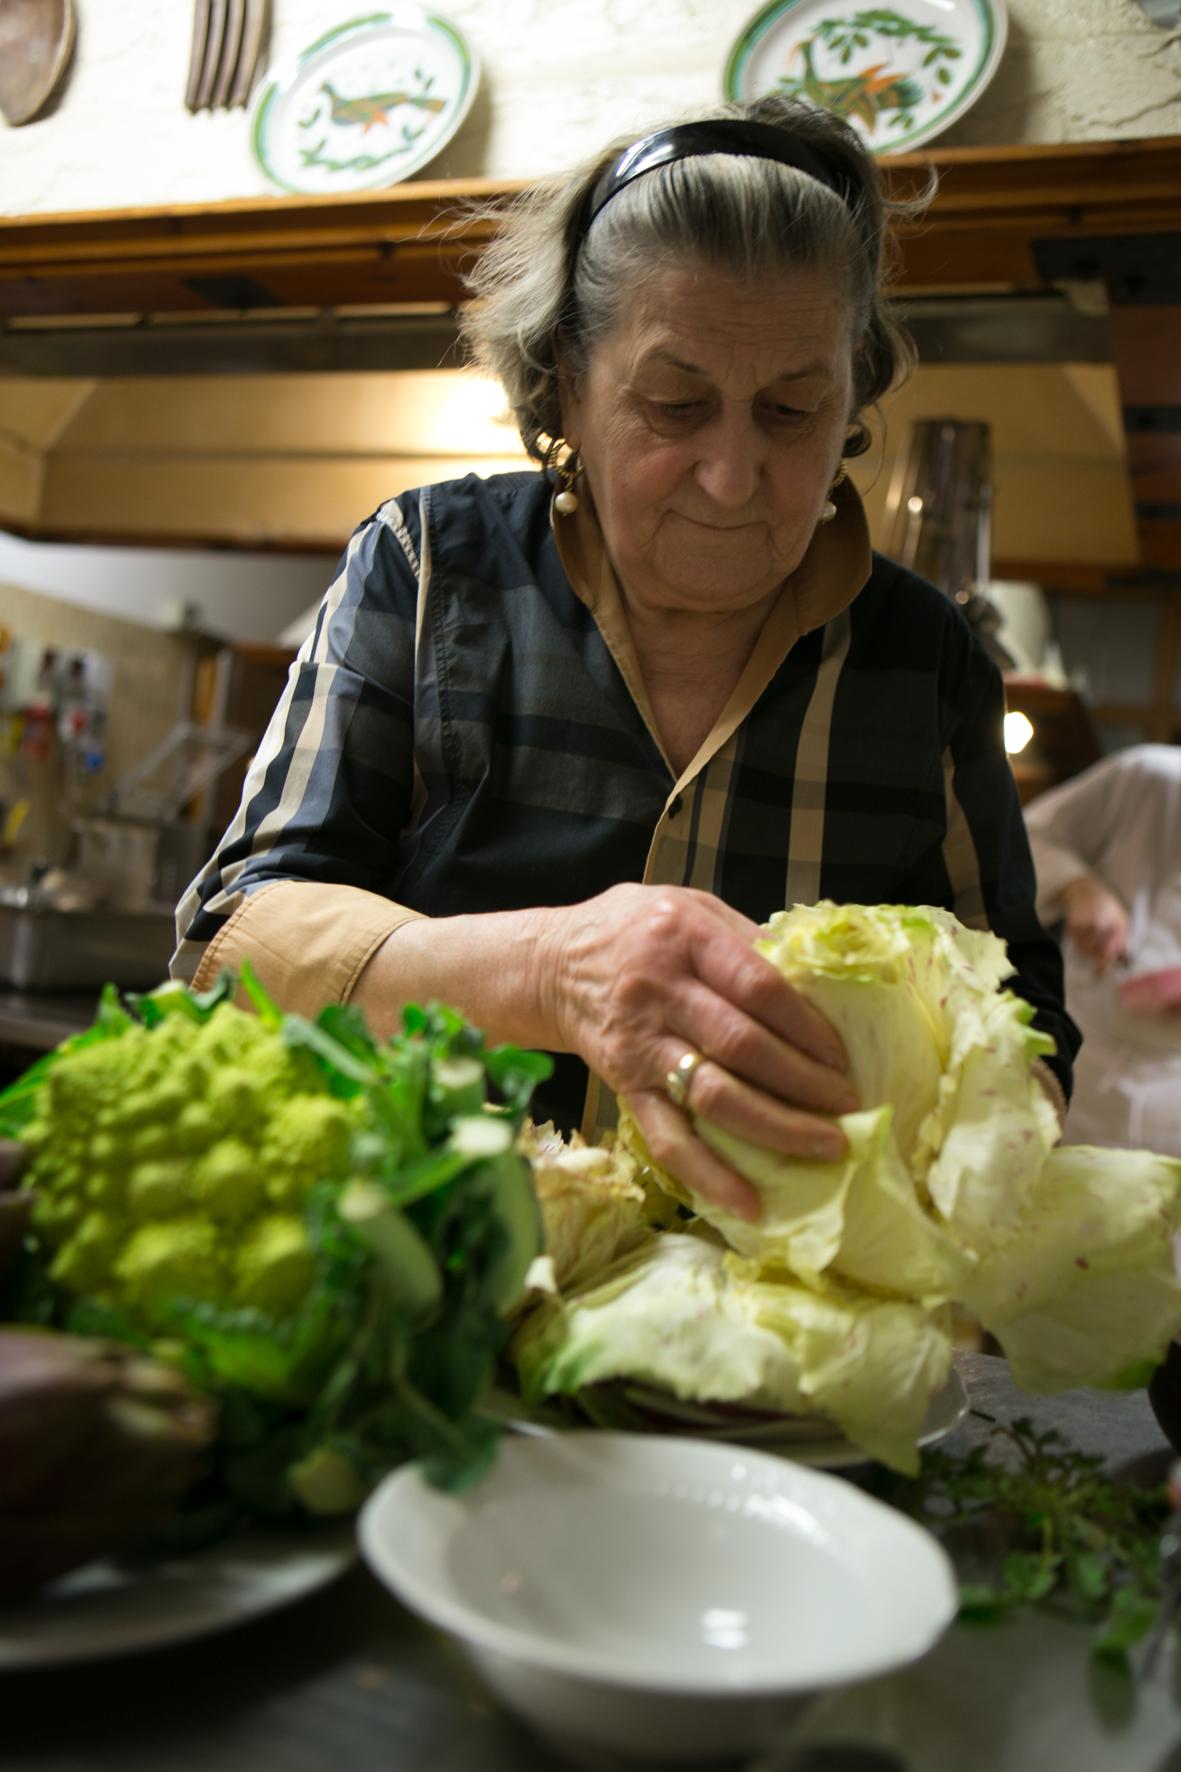 La mamma dà una mano ad Andrea in cucina